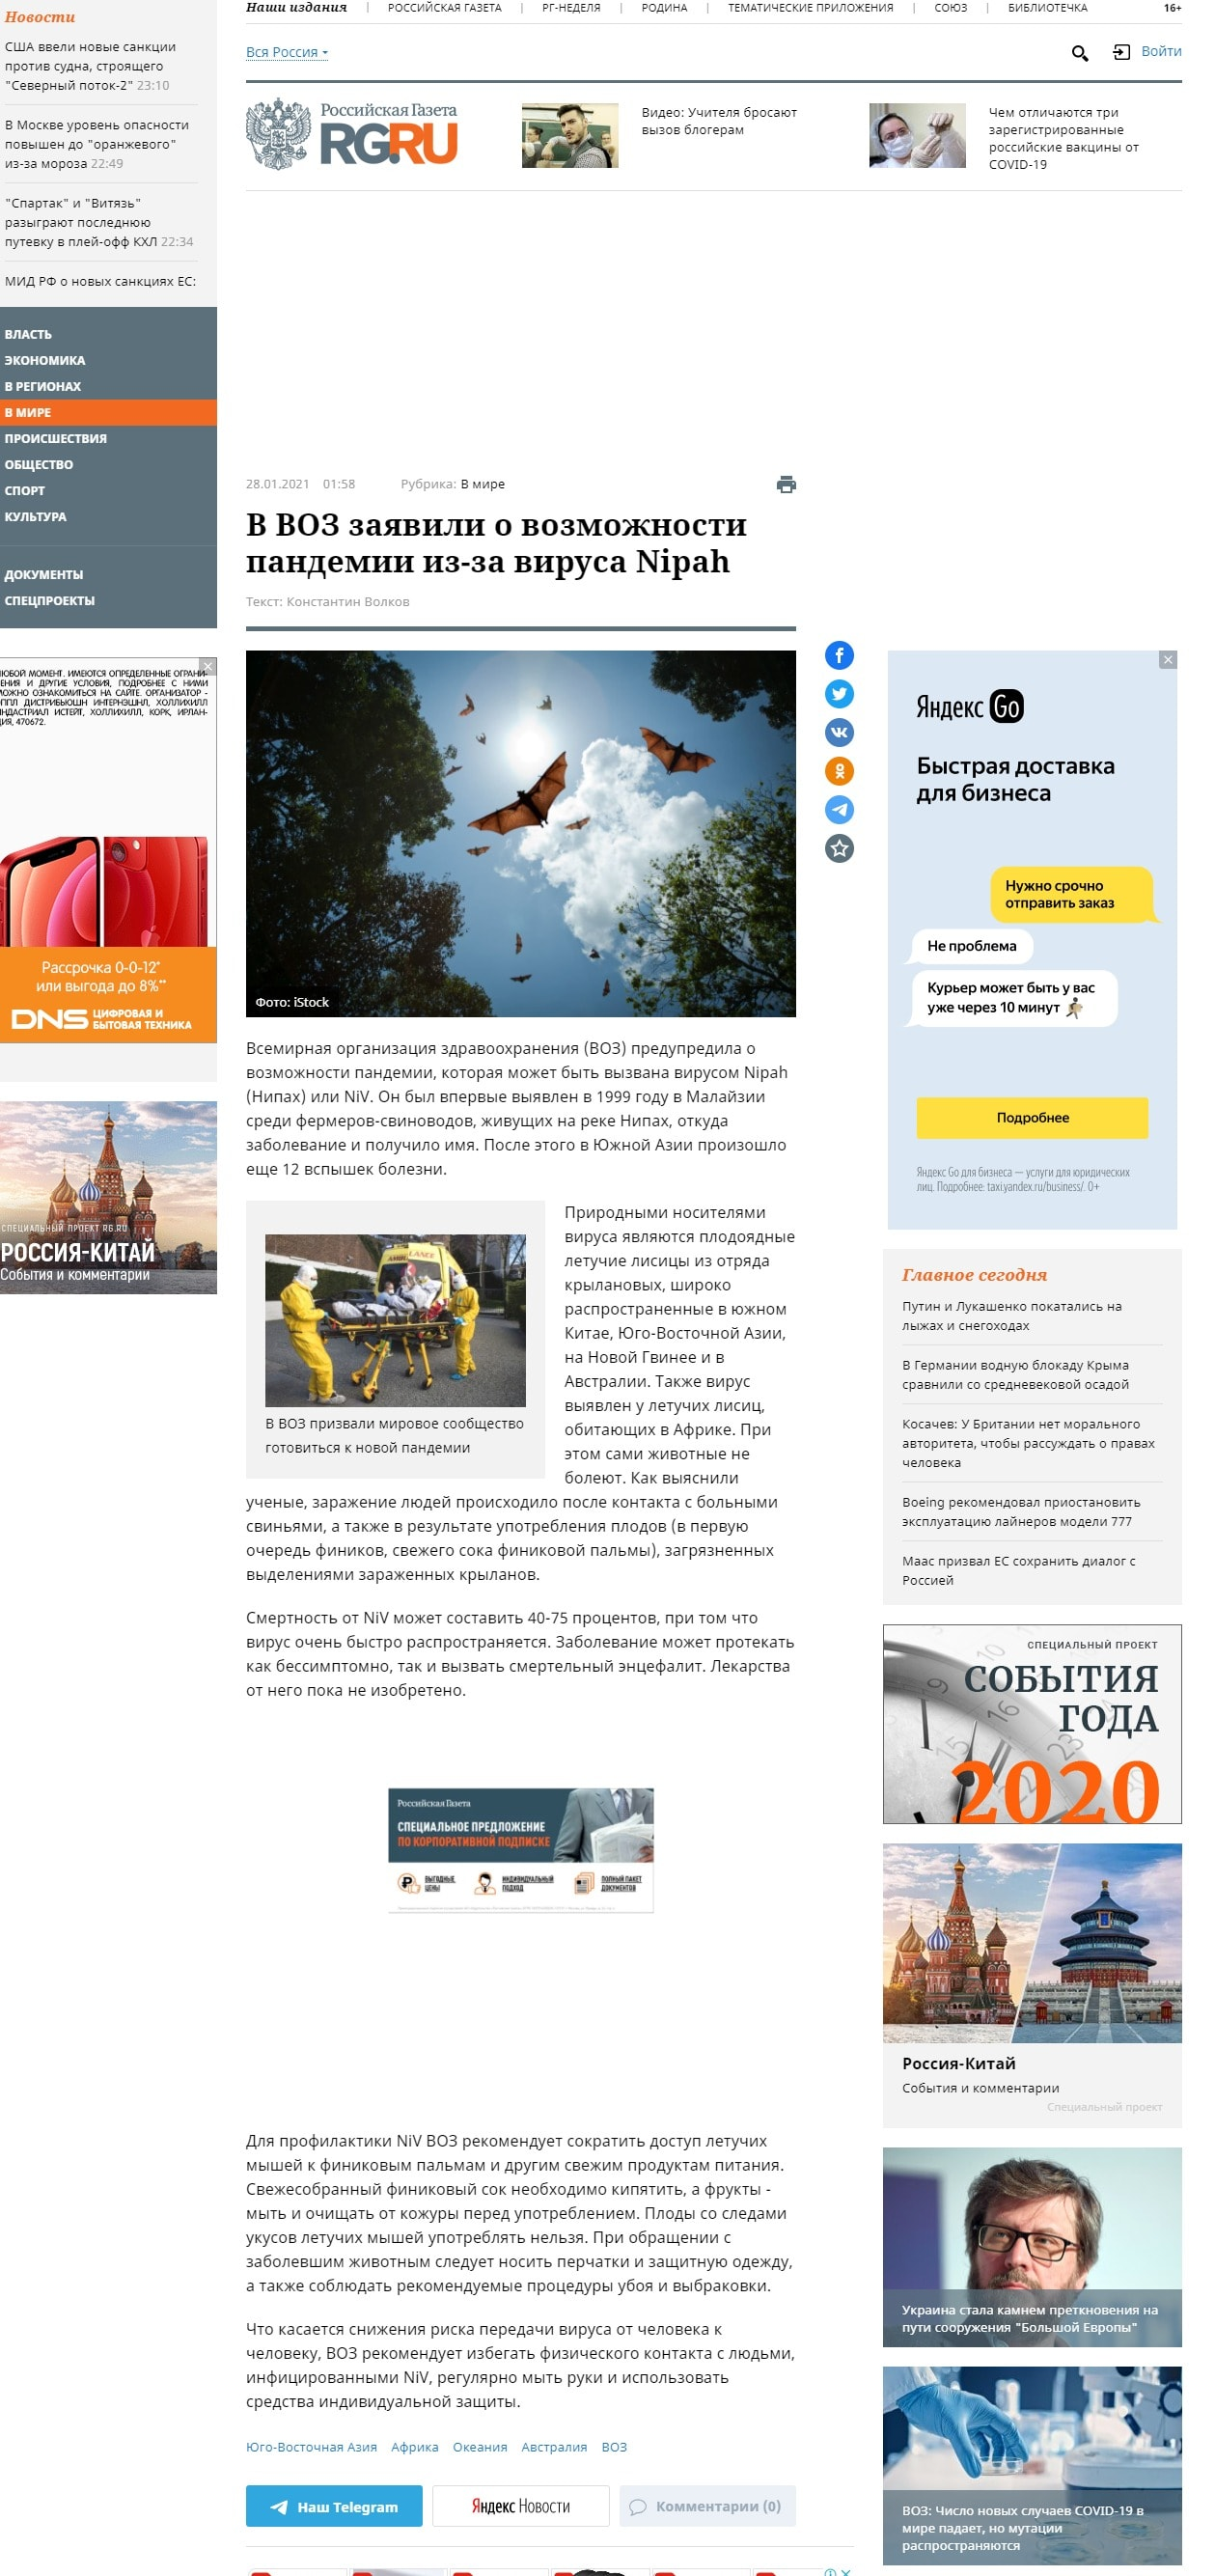 """Скриншот публикации """"Российской газеты"""""""